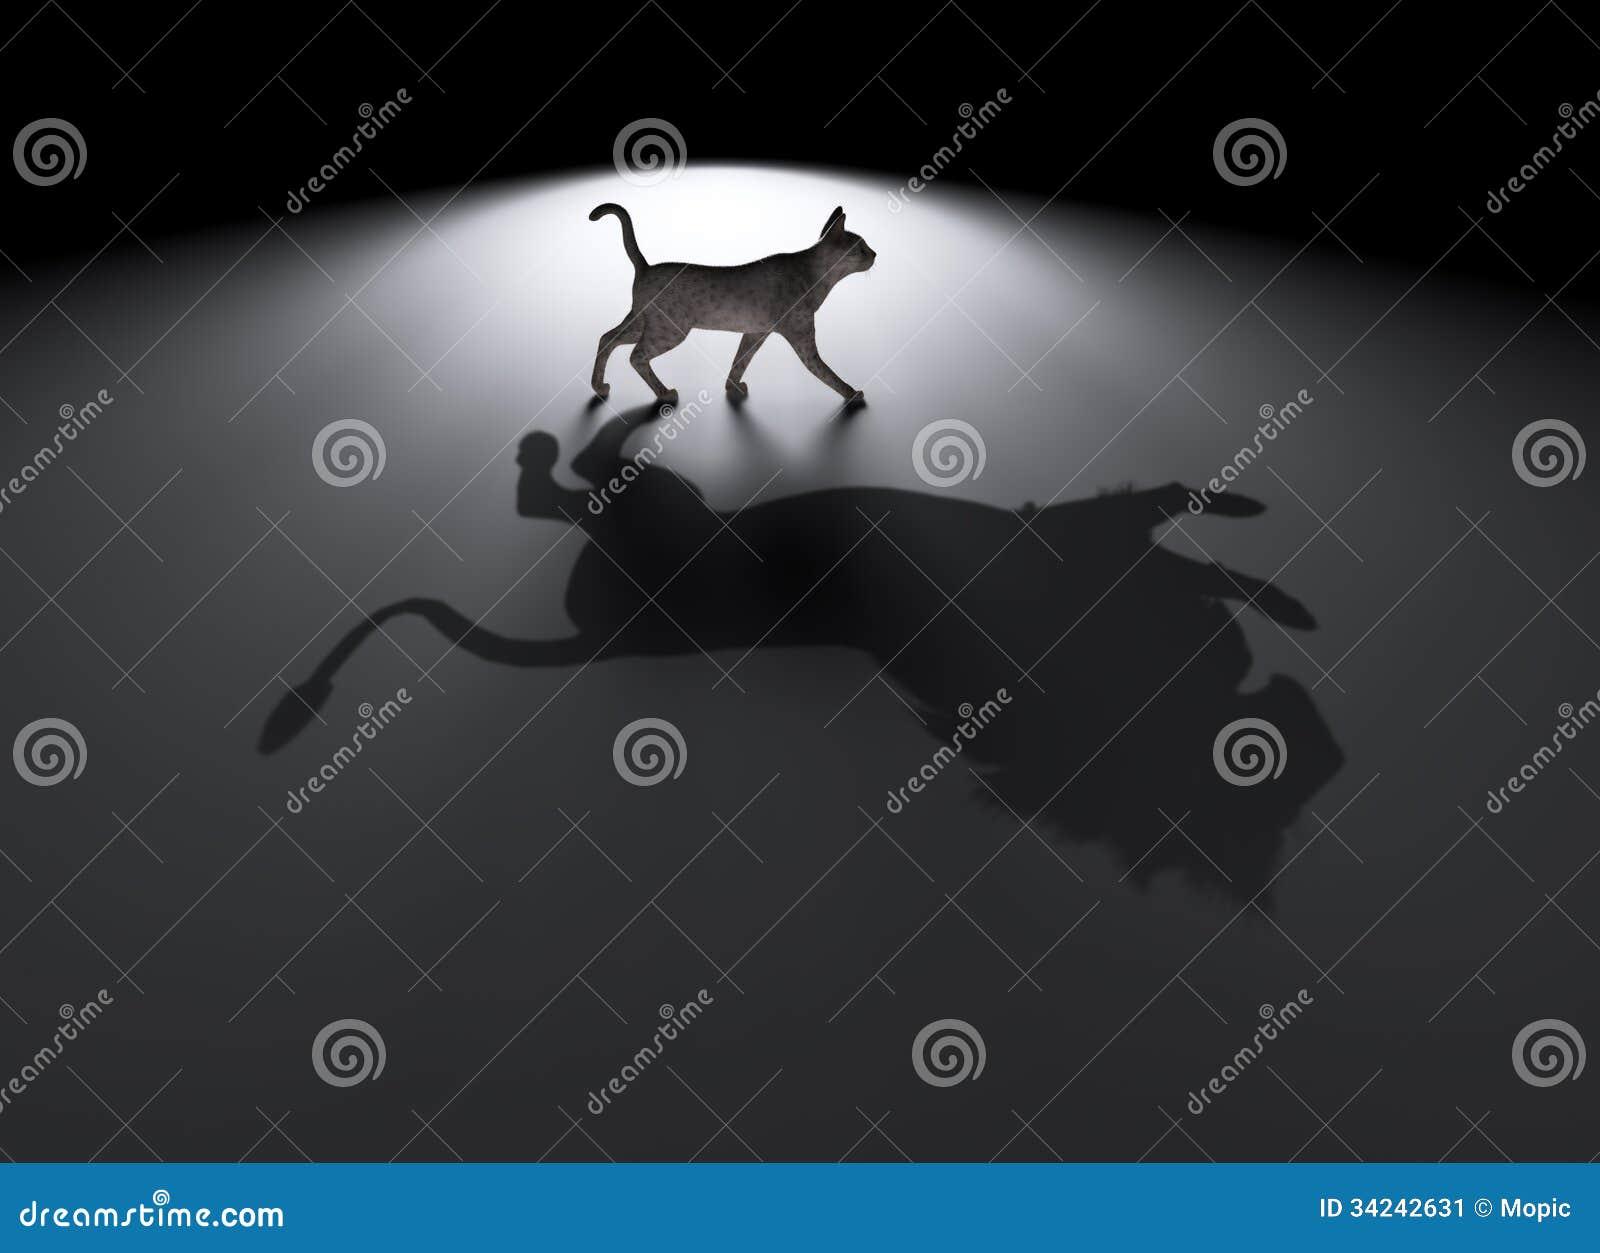 Μικρή γάτα με ένα μεγάλο όνειρο